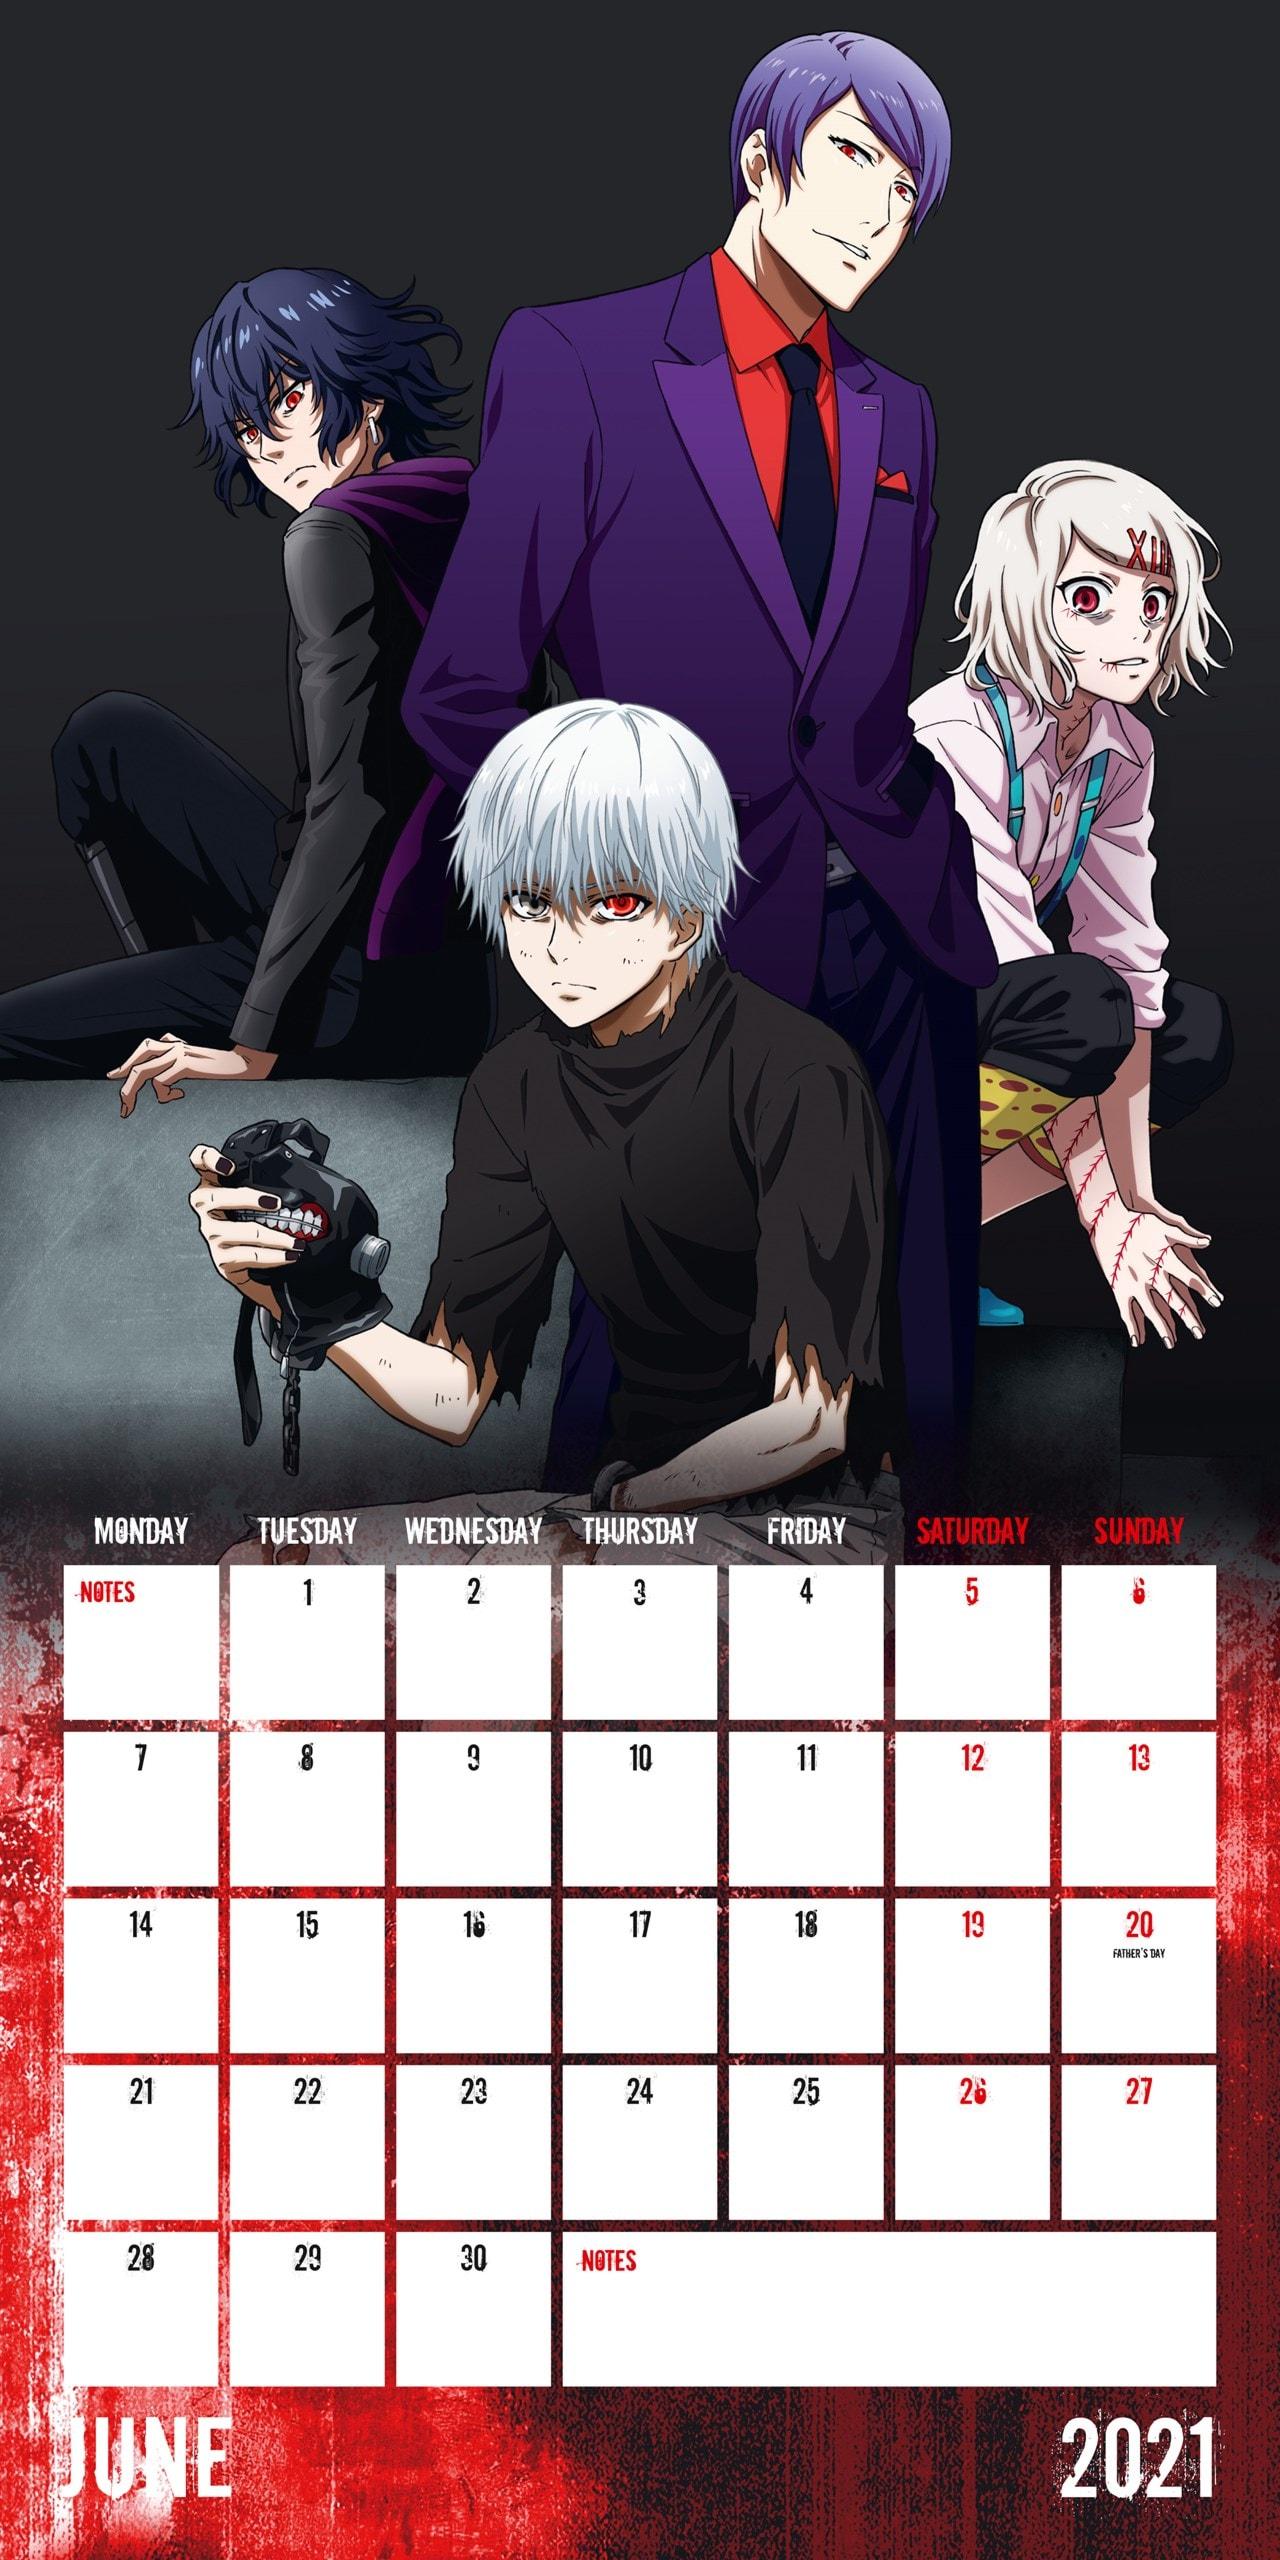 Tokyo Ghoul: Square 2021 Calendar - 2